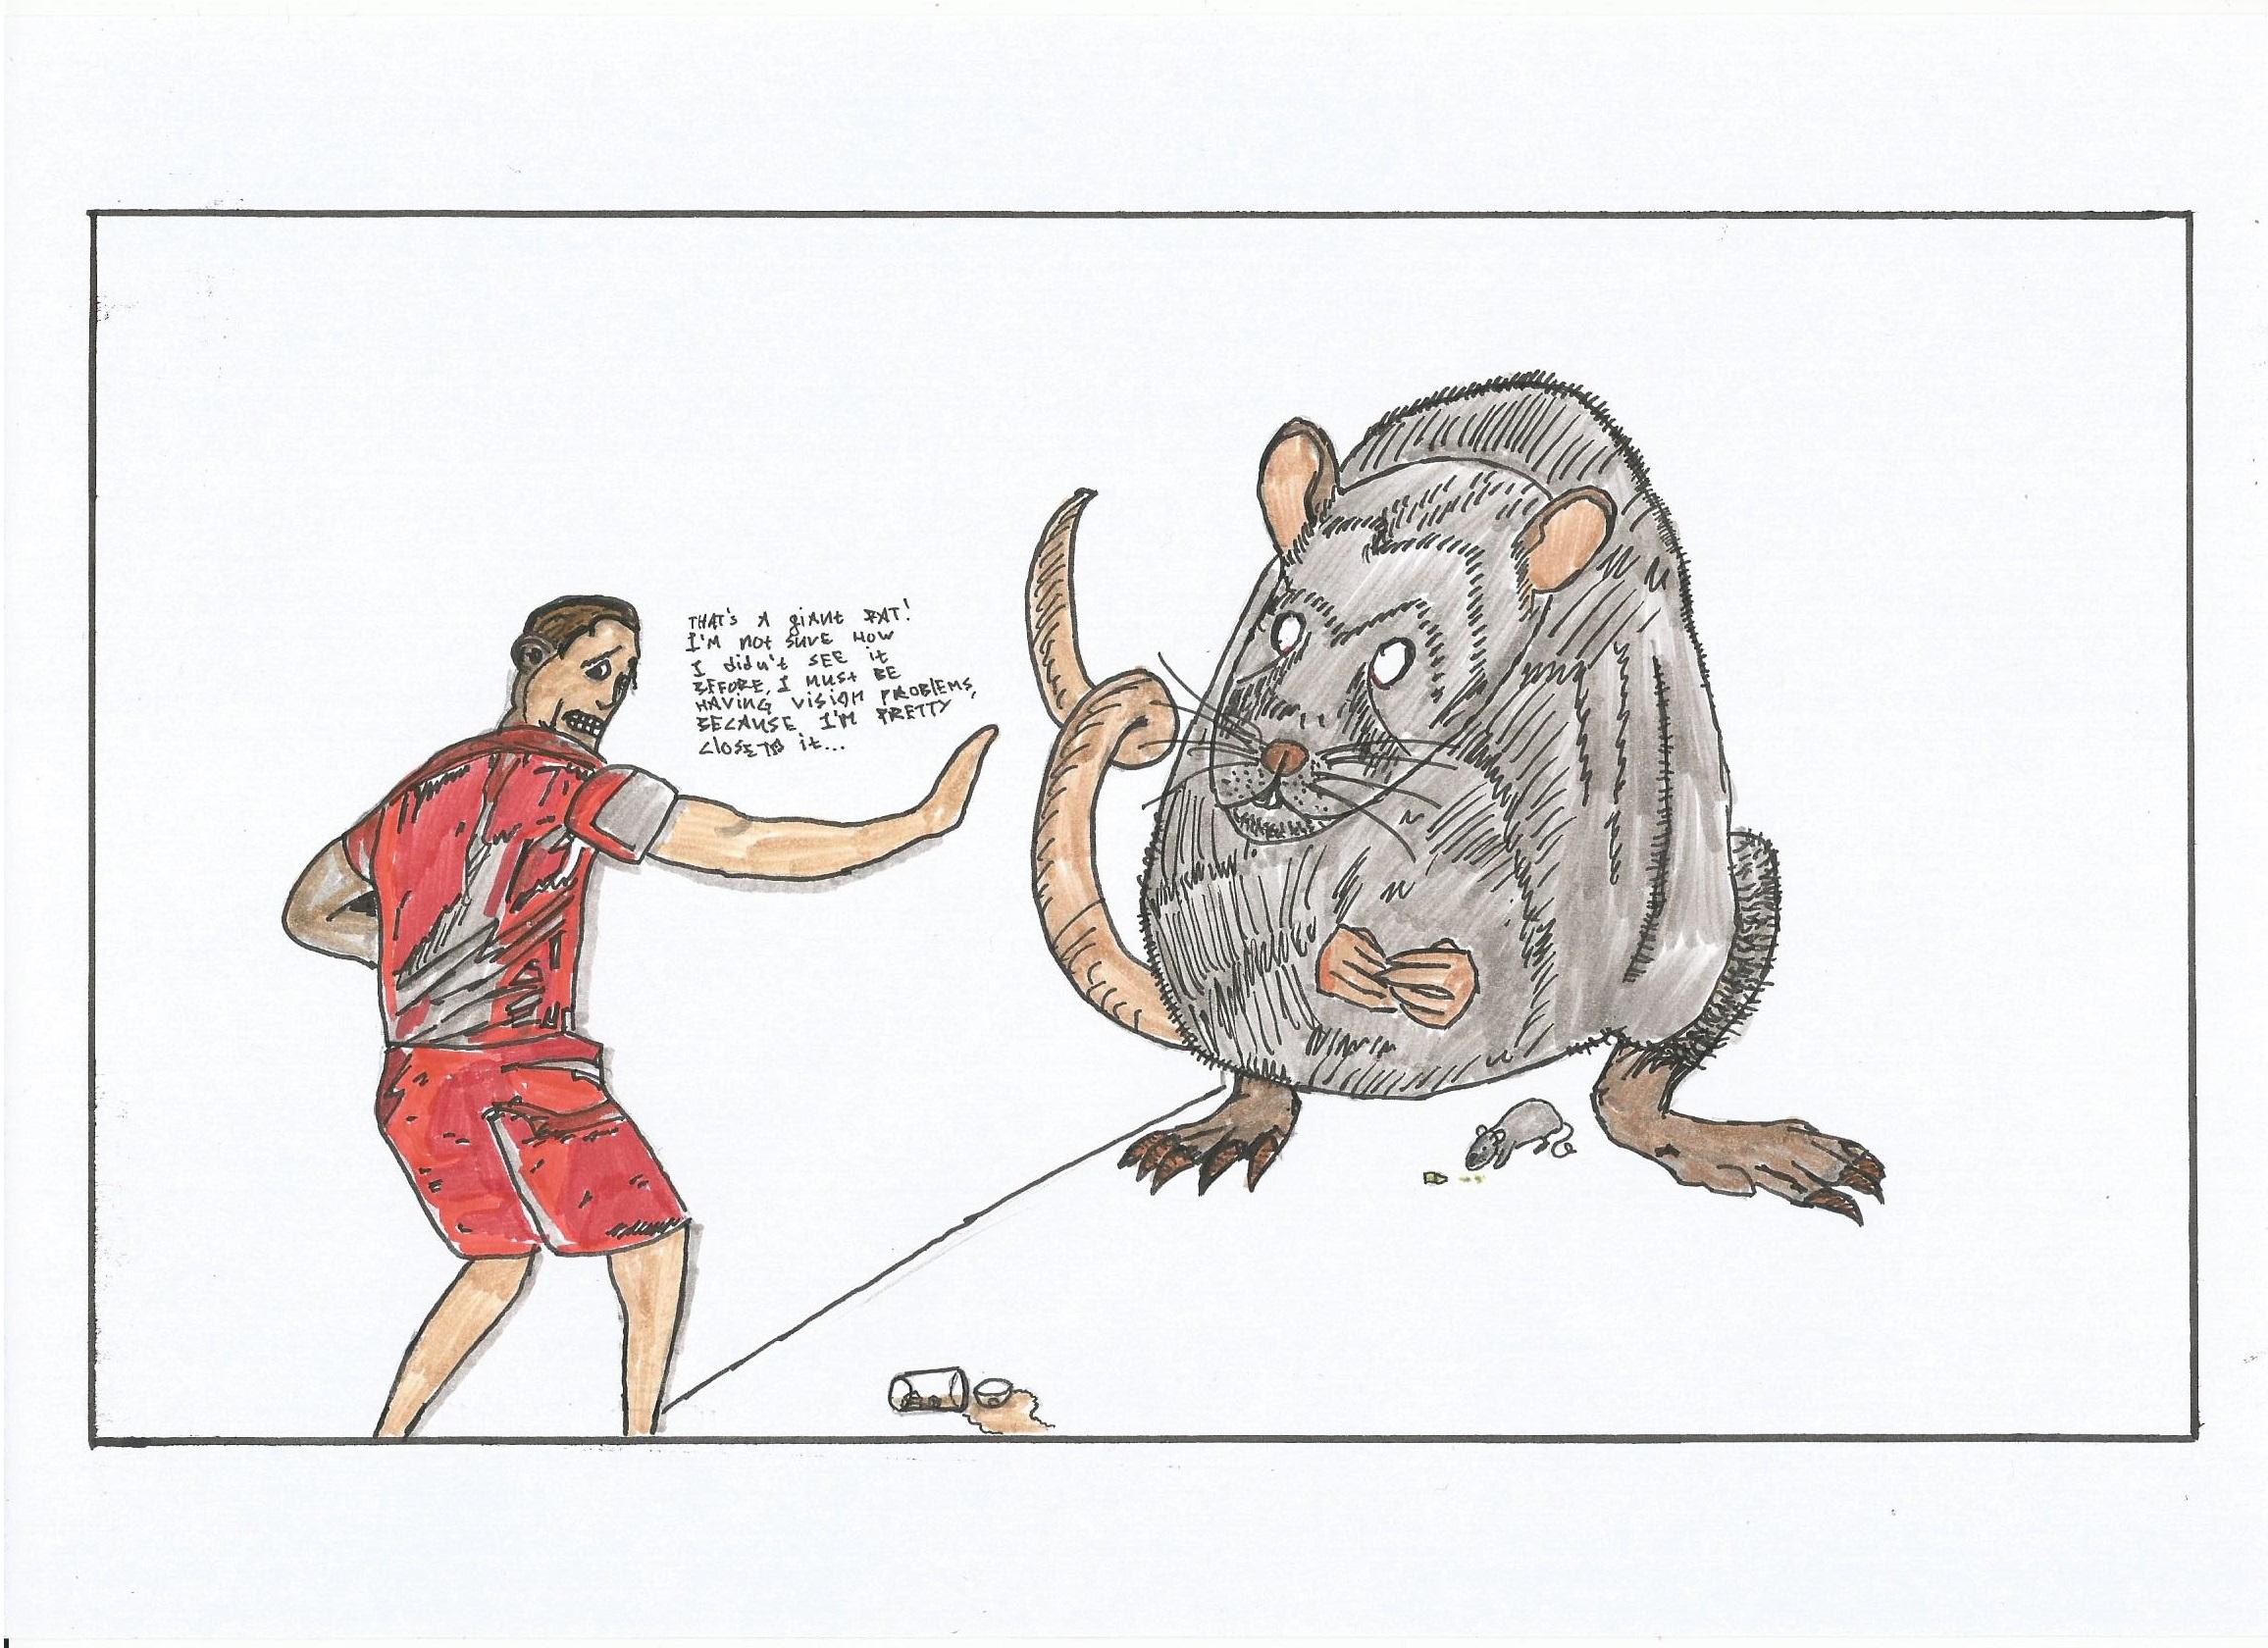 Drawn rat famous STREAMER drawn) shitty (he's A